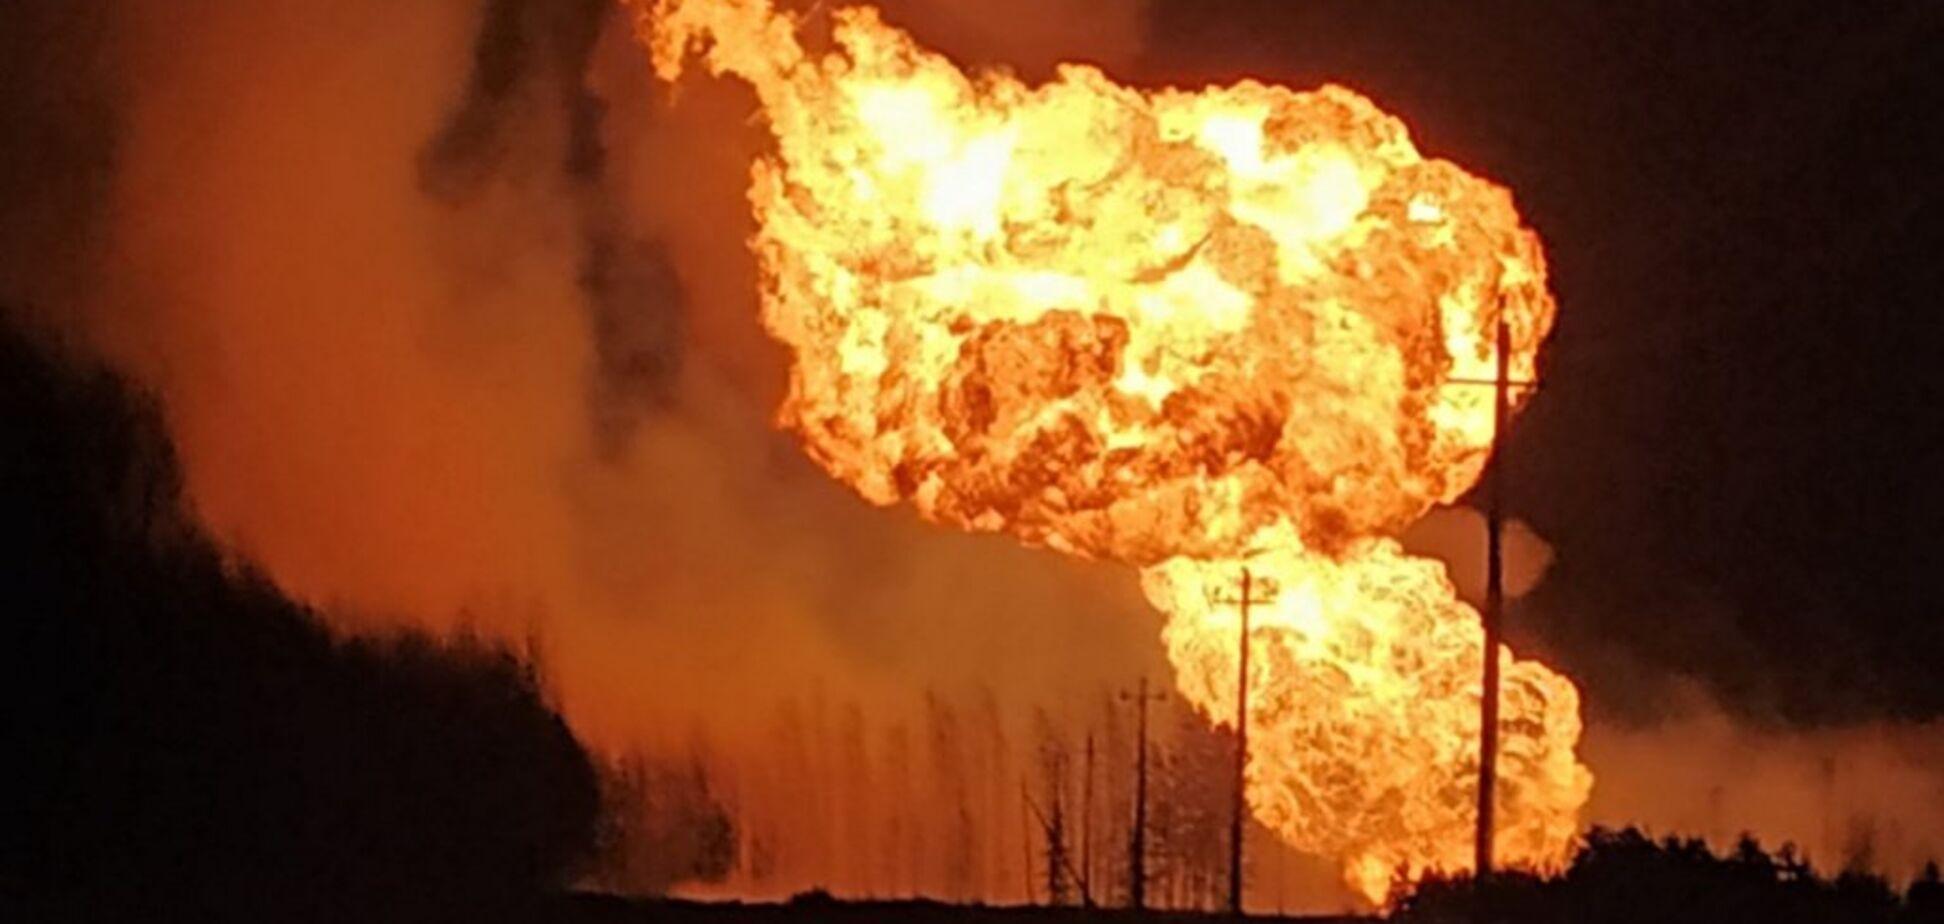 У Росії вибухнув газопровід: перші фото і відео вогняного пекла